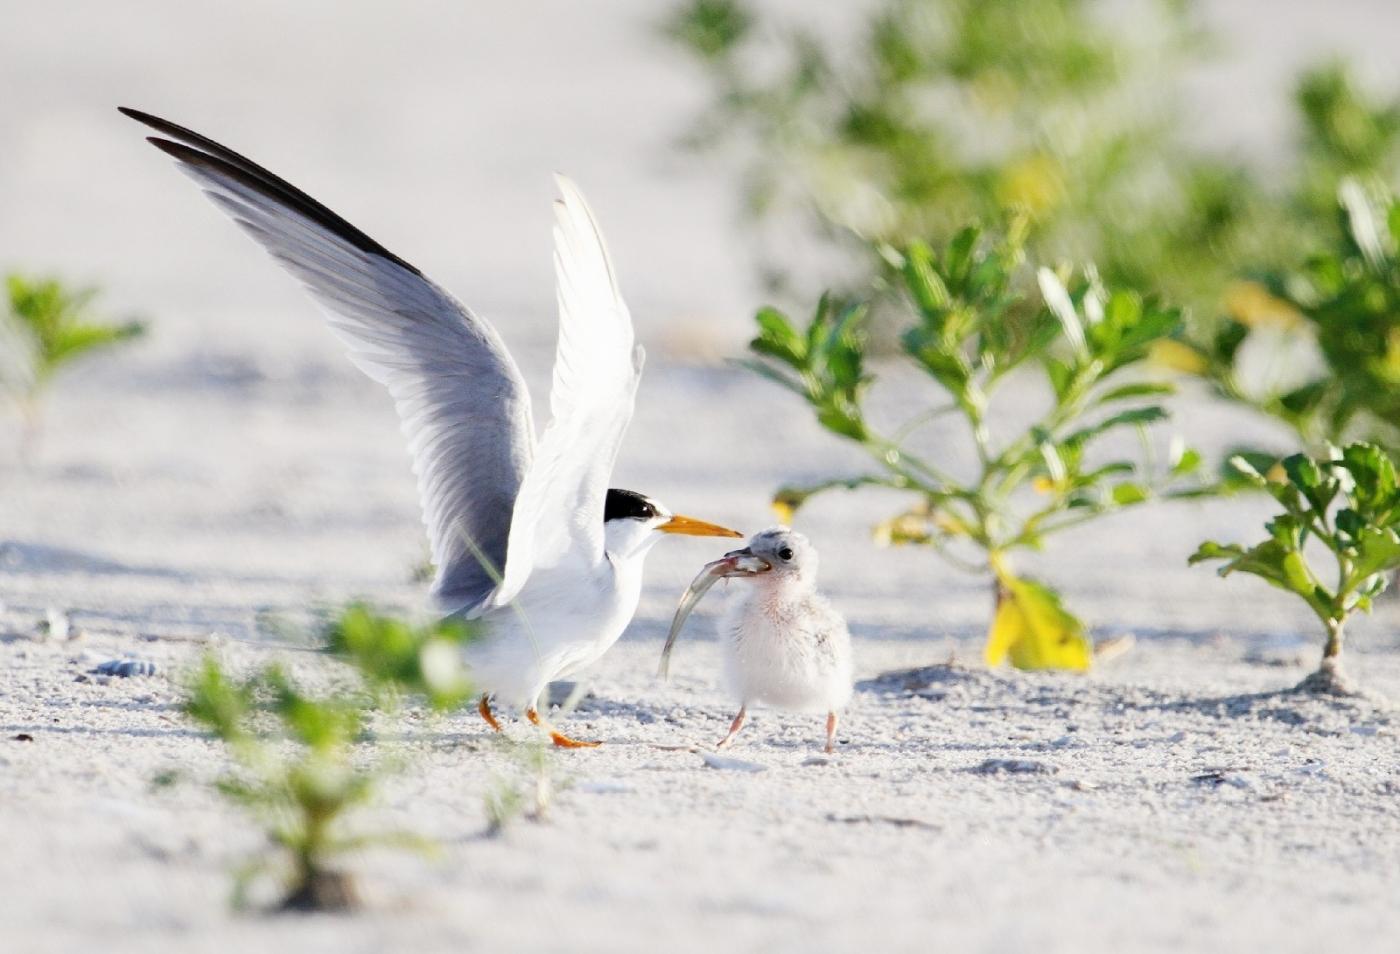 【田螺摄影】黄嘴燕鸥整个出生成长的过程_图1-15